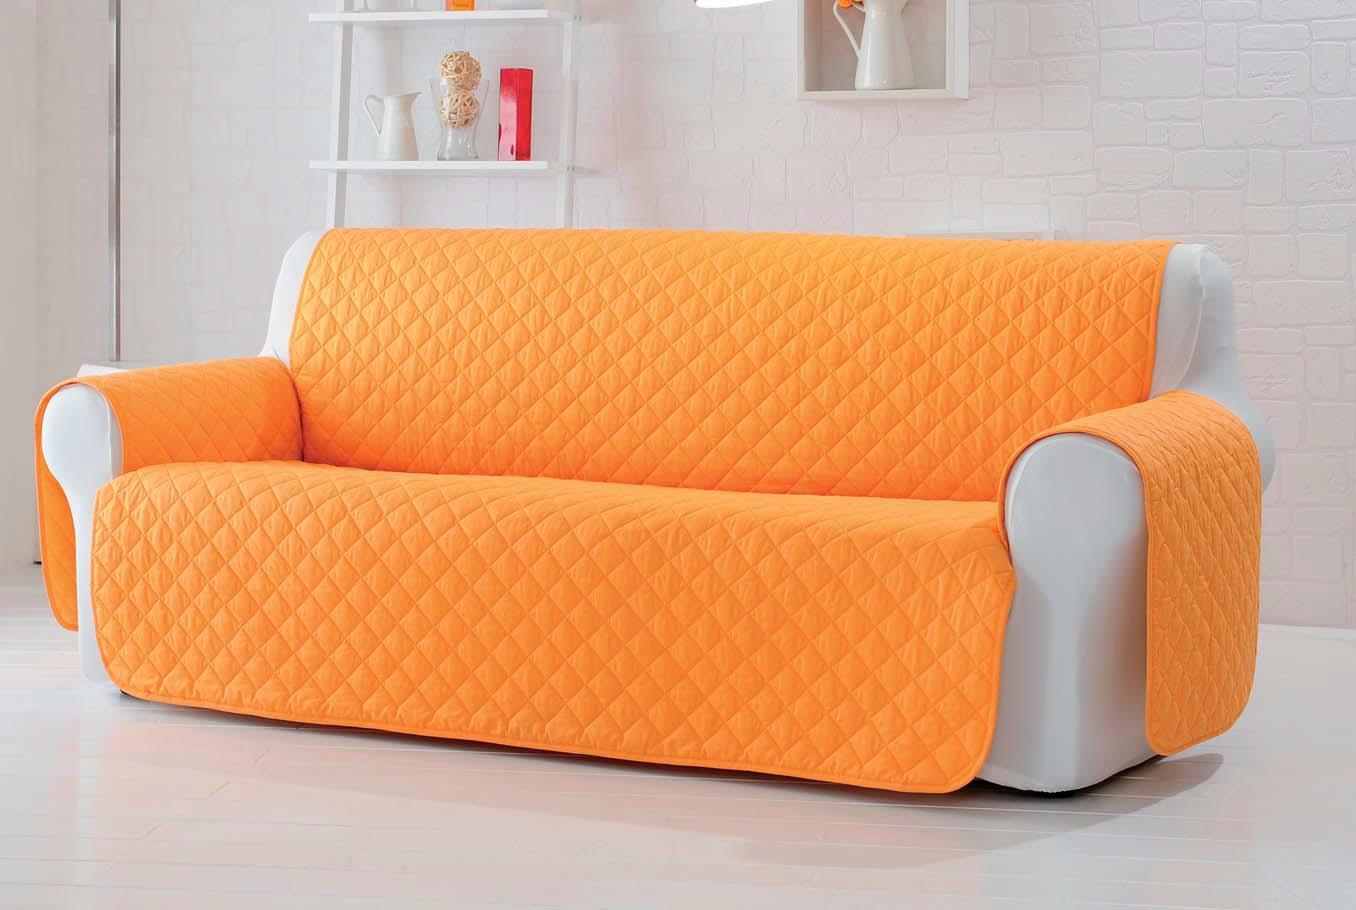 Divano 2 posti archivi g l g store ingrosso dettaglio - Copridivano per divano in pelle ...